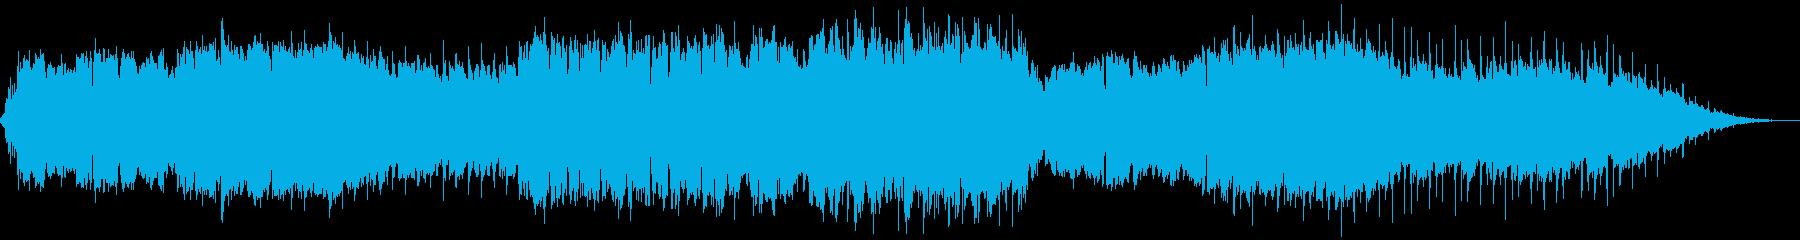 哀愁のある素朴な小曲(CM、映像)の再生済みの波形